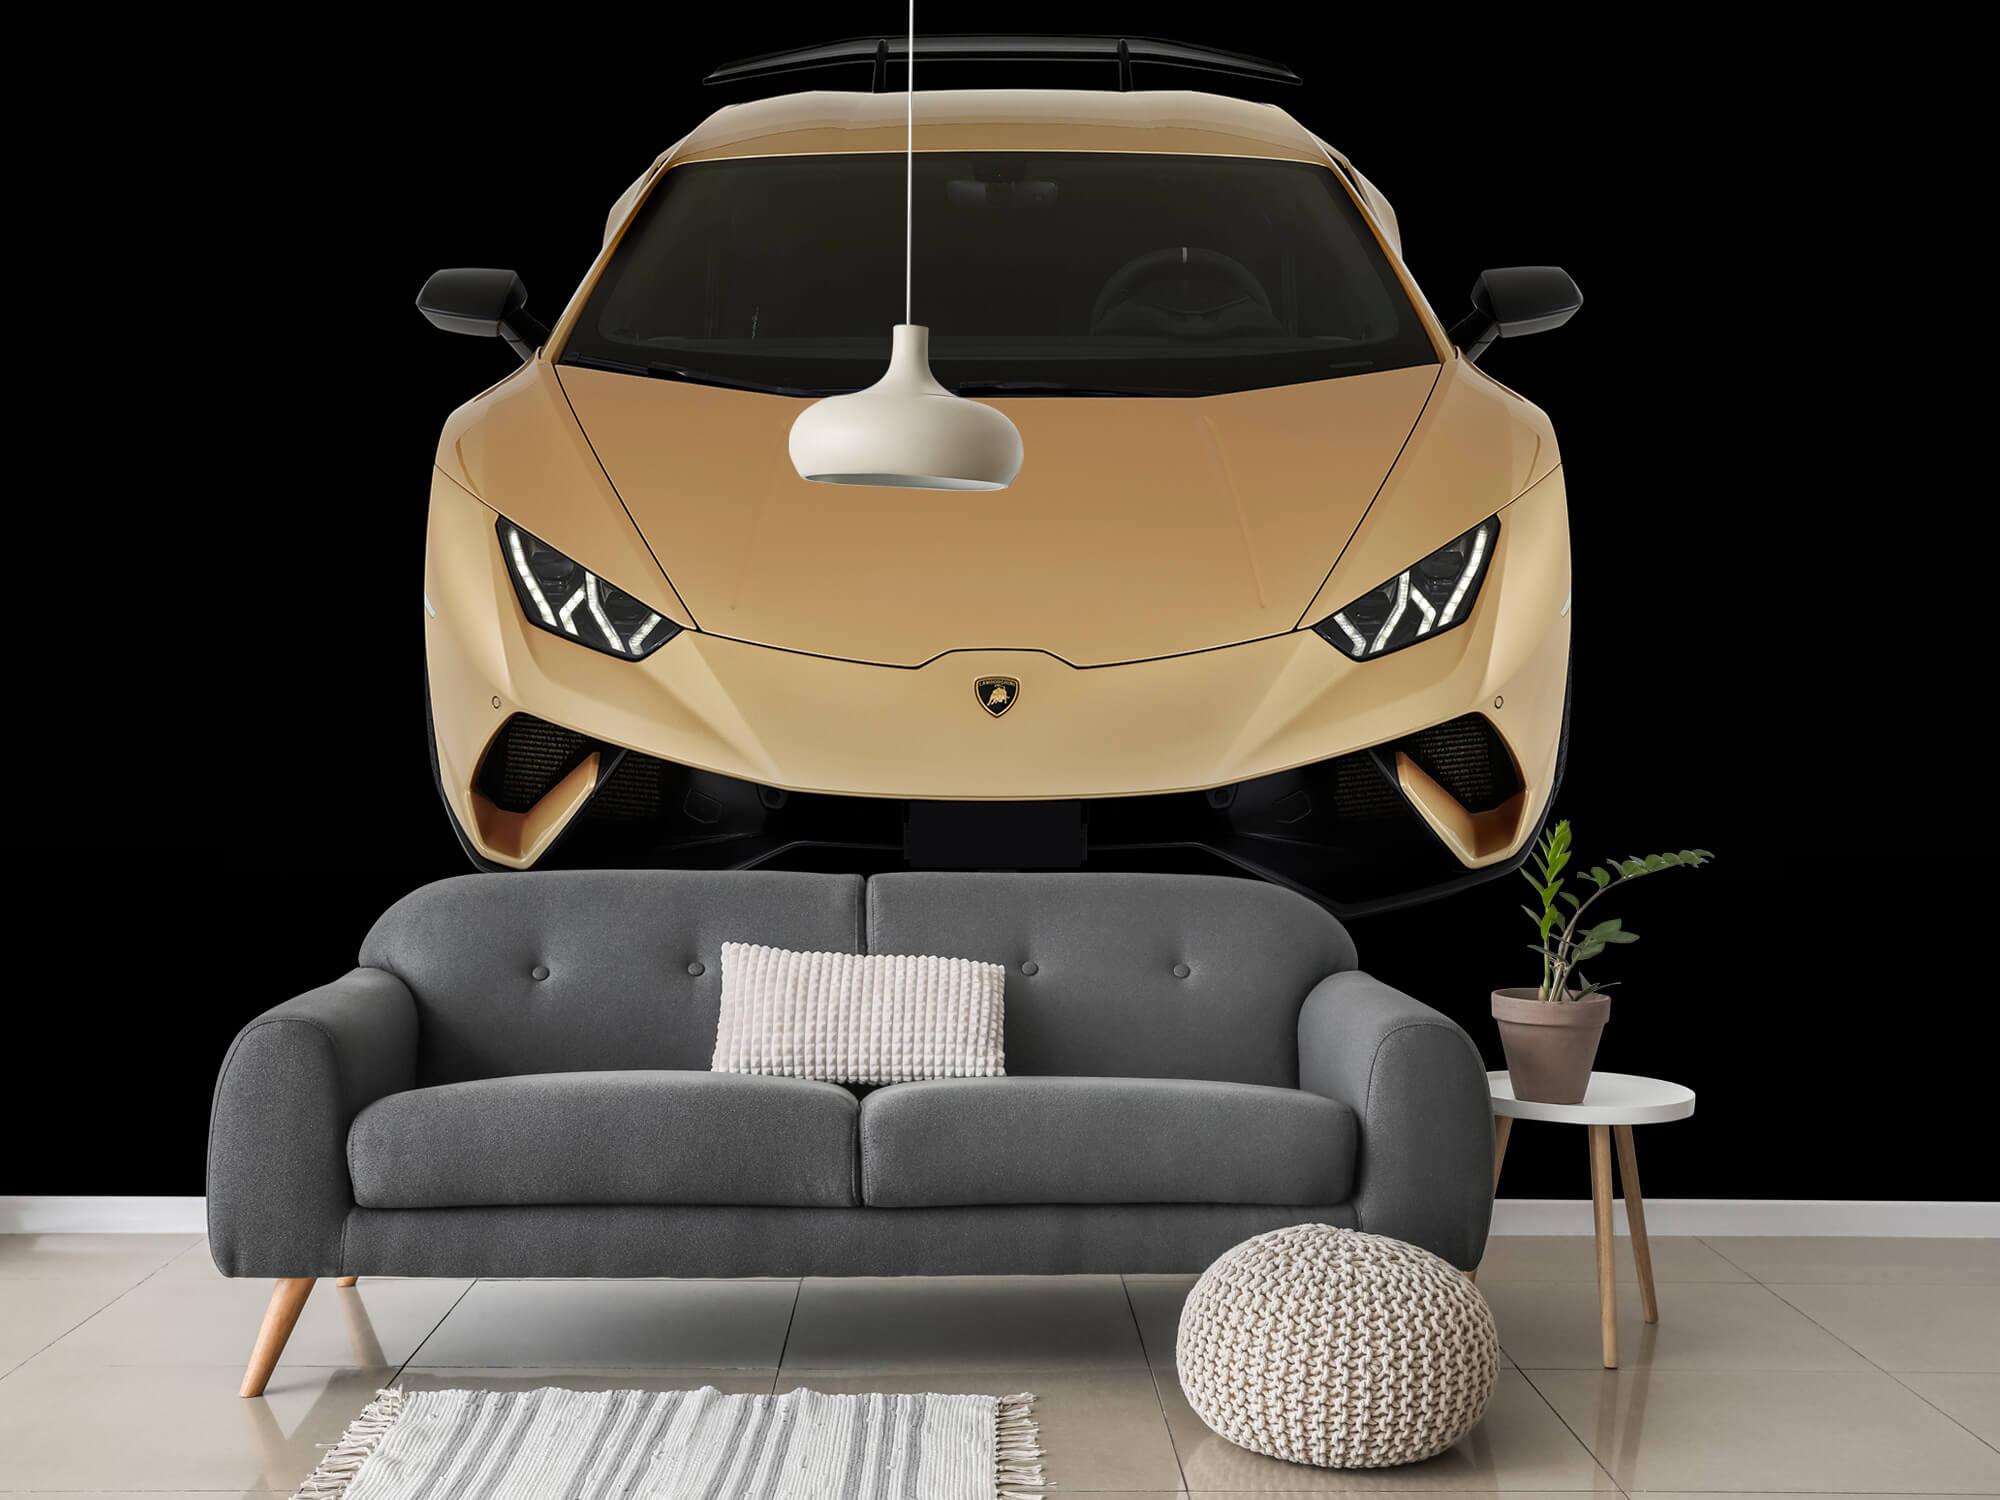 Wallpaper Lamborghini Huracán - Framifrån uppifrån, svart 3